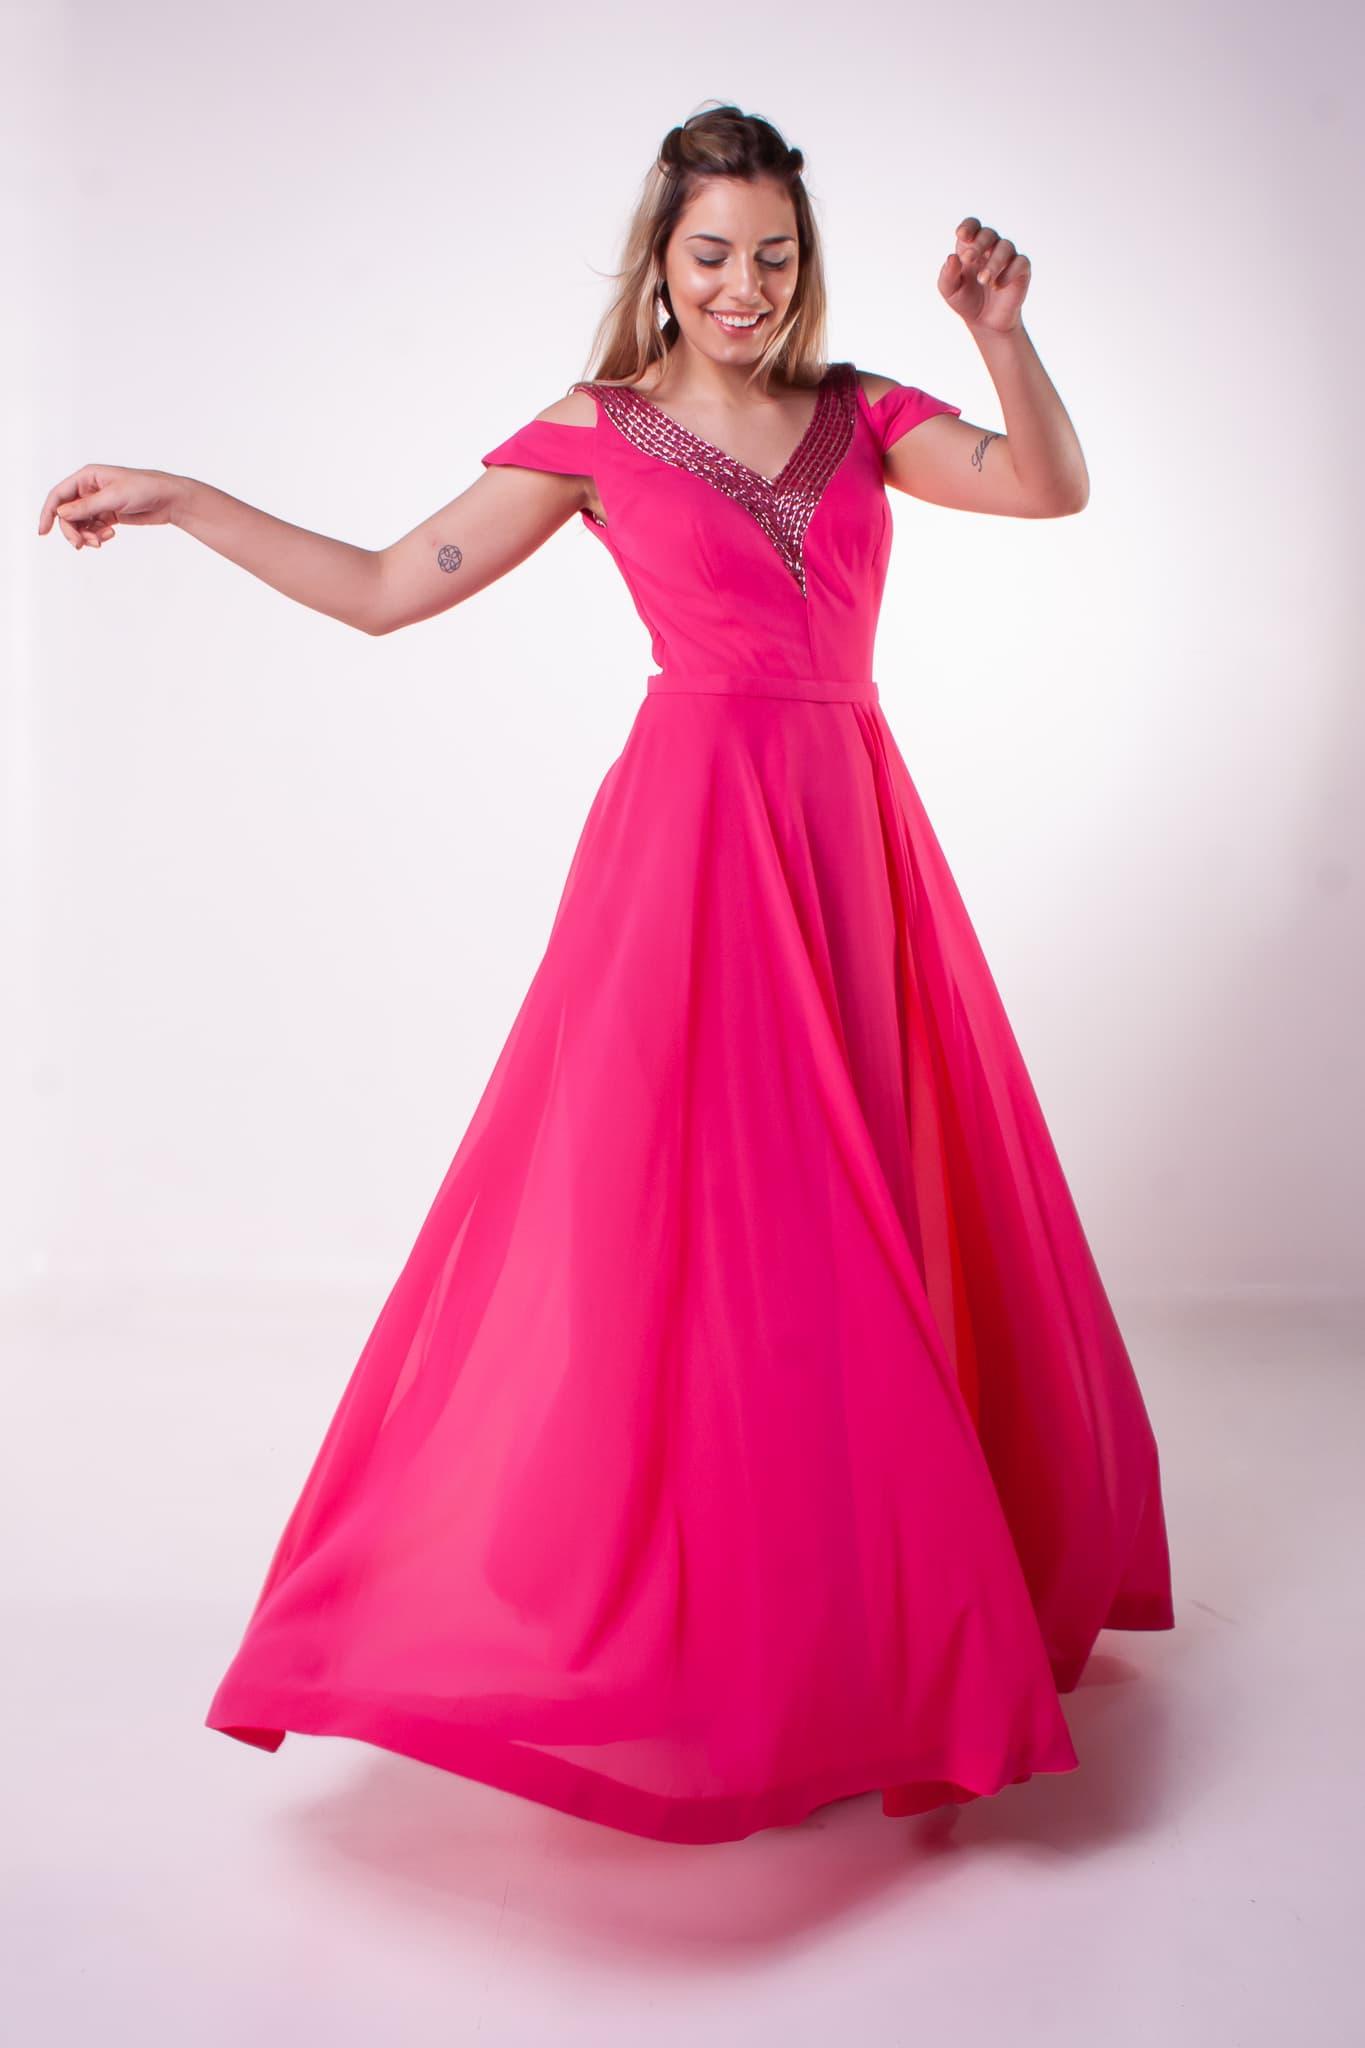 28 - Vestido pink fluido com detalhe no decote e manguinhas